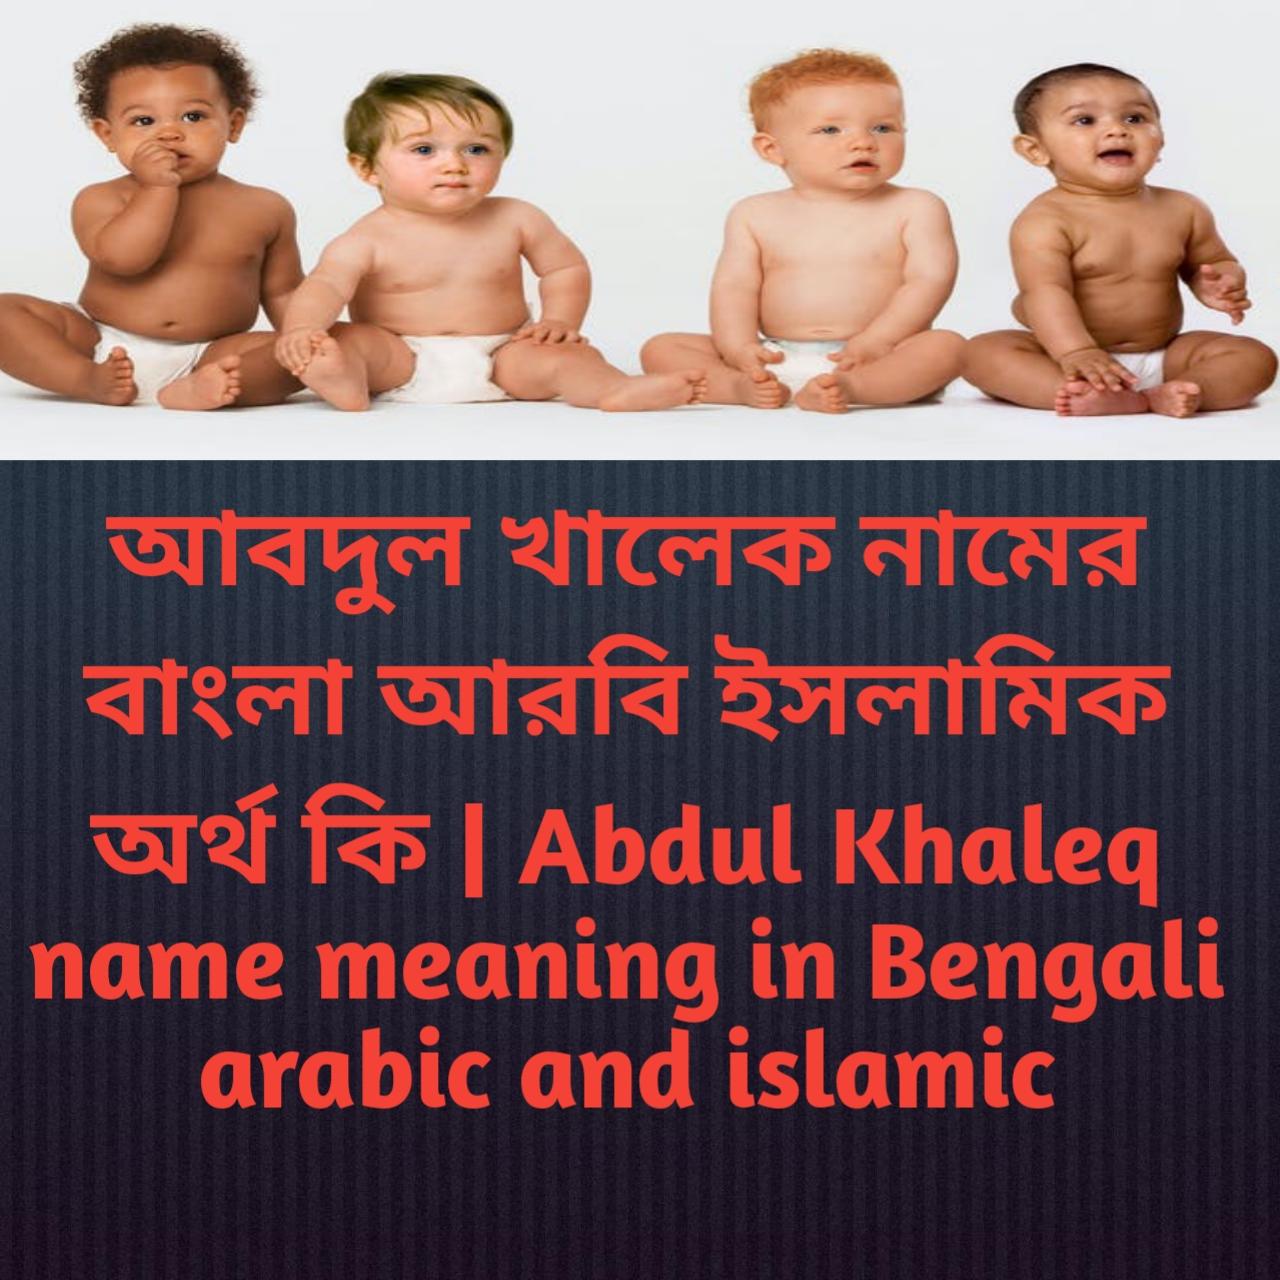 আবদুল খালেক নামের অর্থ কি, আবদুল খালেক নামের বাংলা অর্থ কি, আবদুল খালেক নামের ইসলামিক অর্থ কি, Abdul Khaleq name meaning in Bengali, আবদুল খালেক কি ইসলামিক নাম,